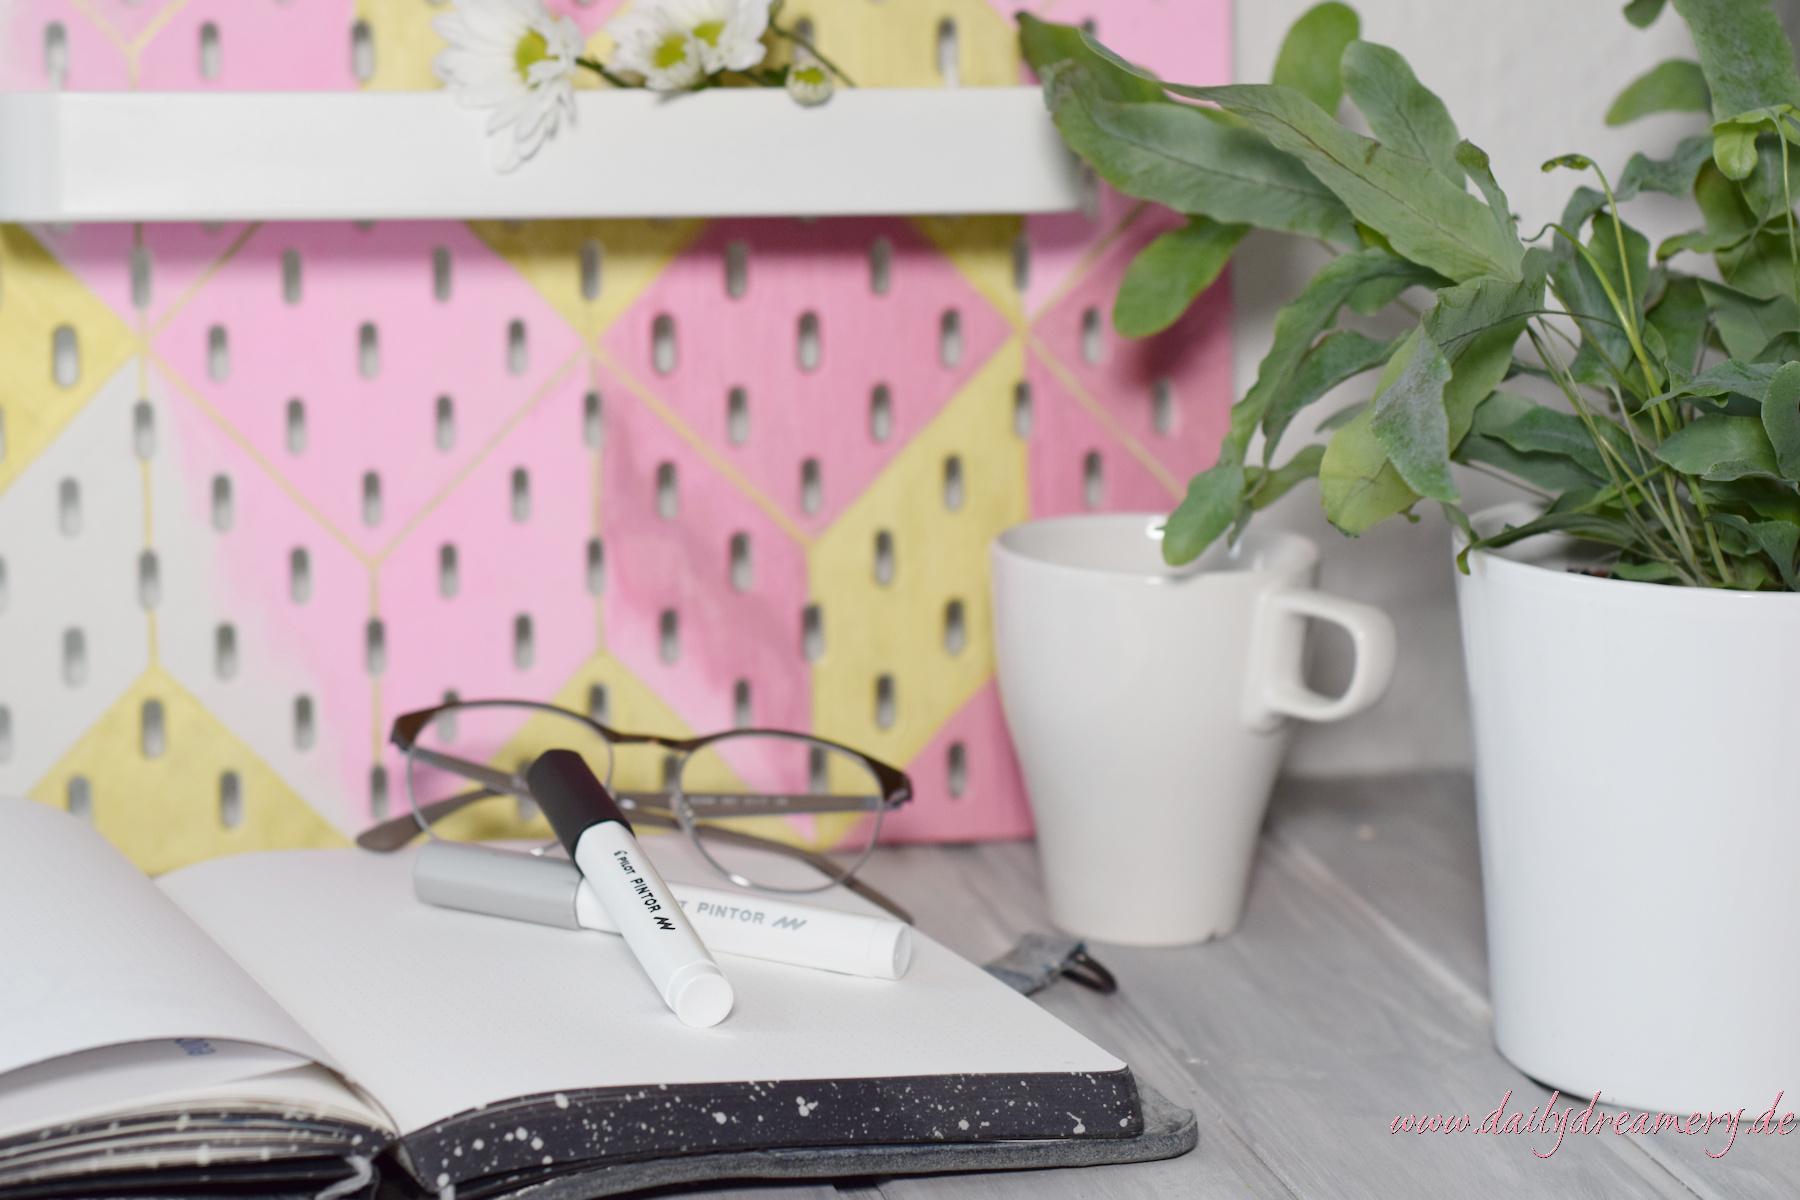 Pegboard von IKEA mit PINTOR Stiften von Pilot individualisieren IKEA Hack